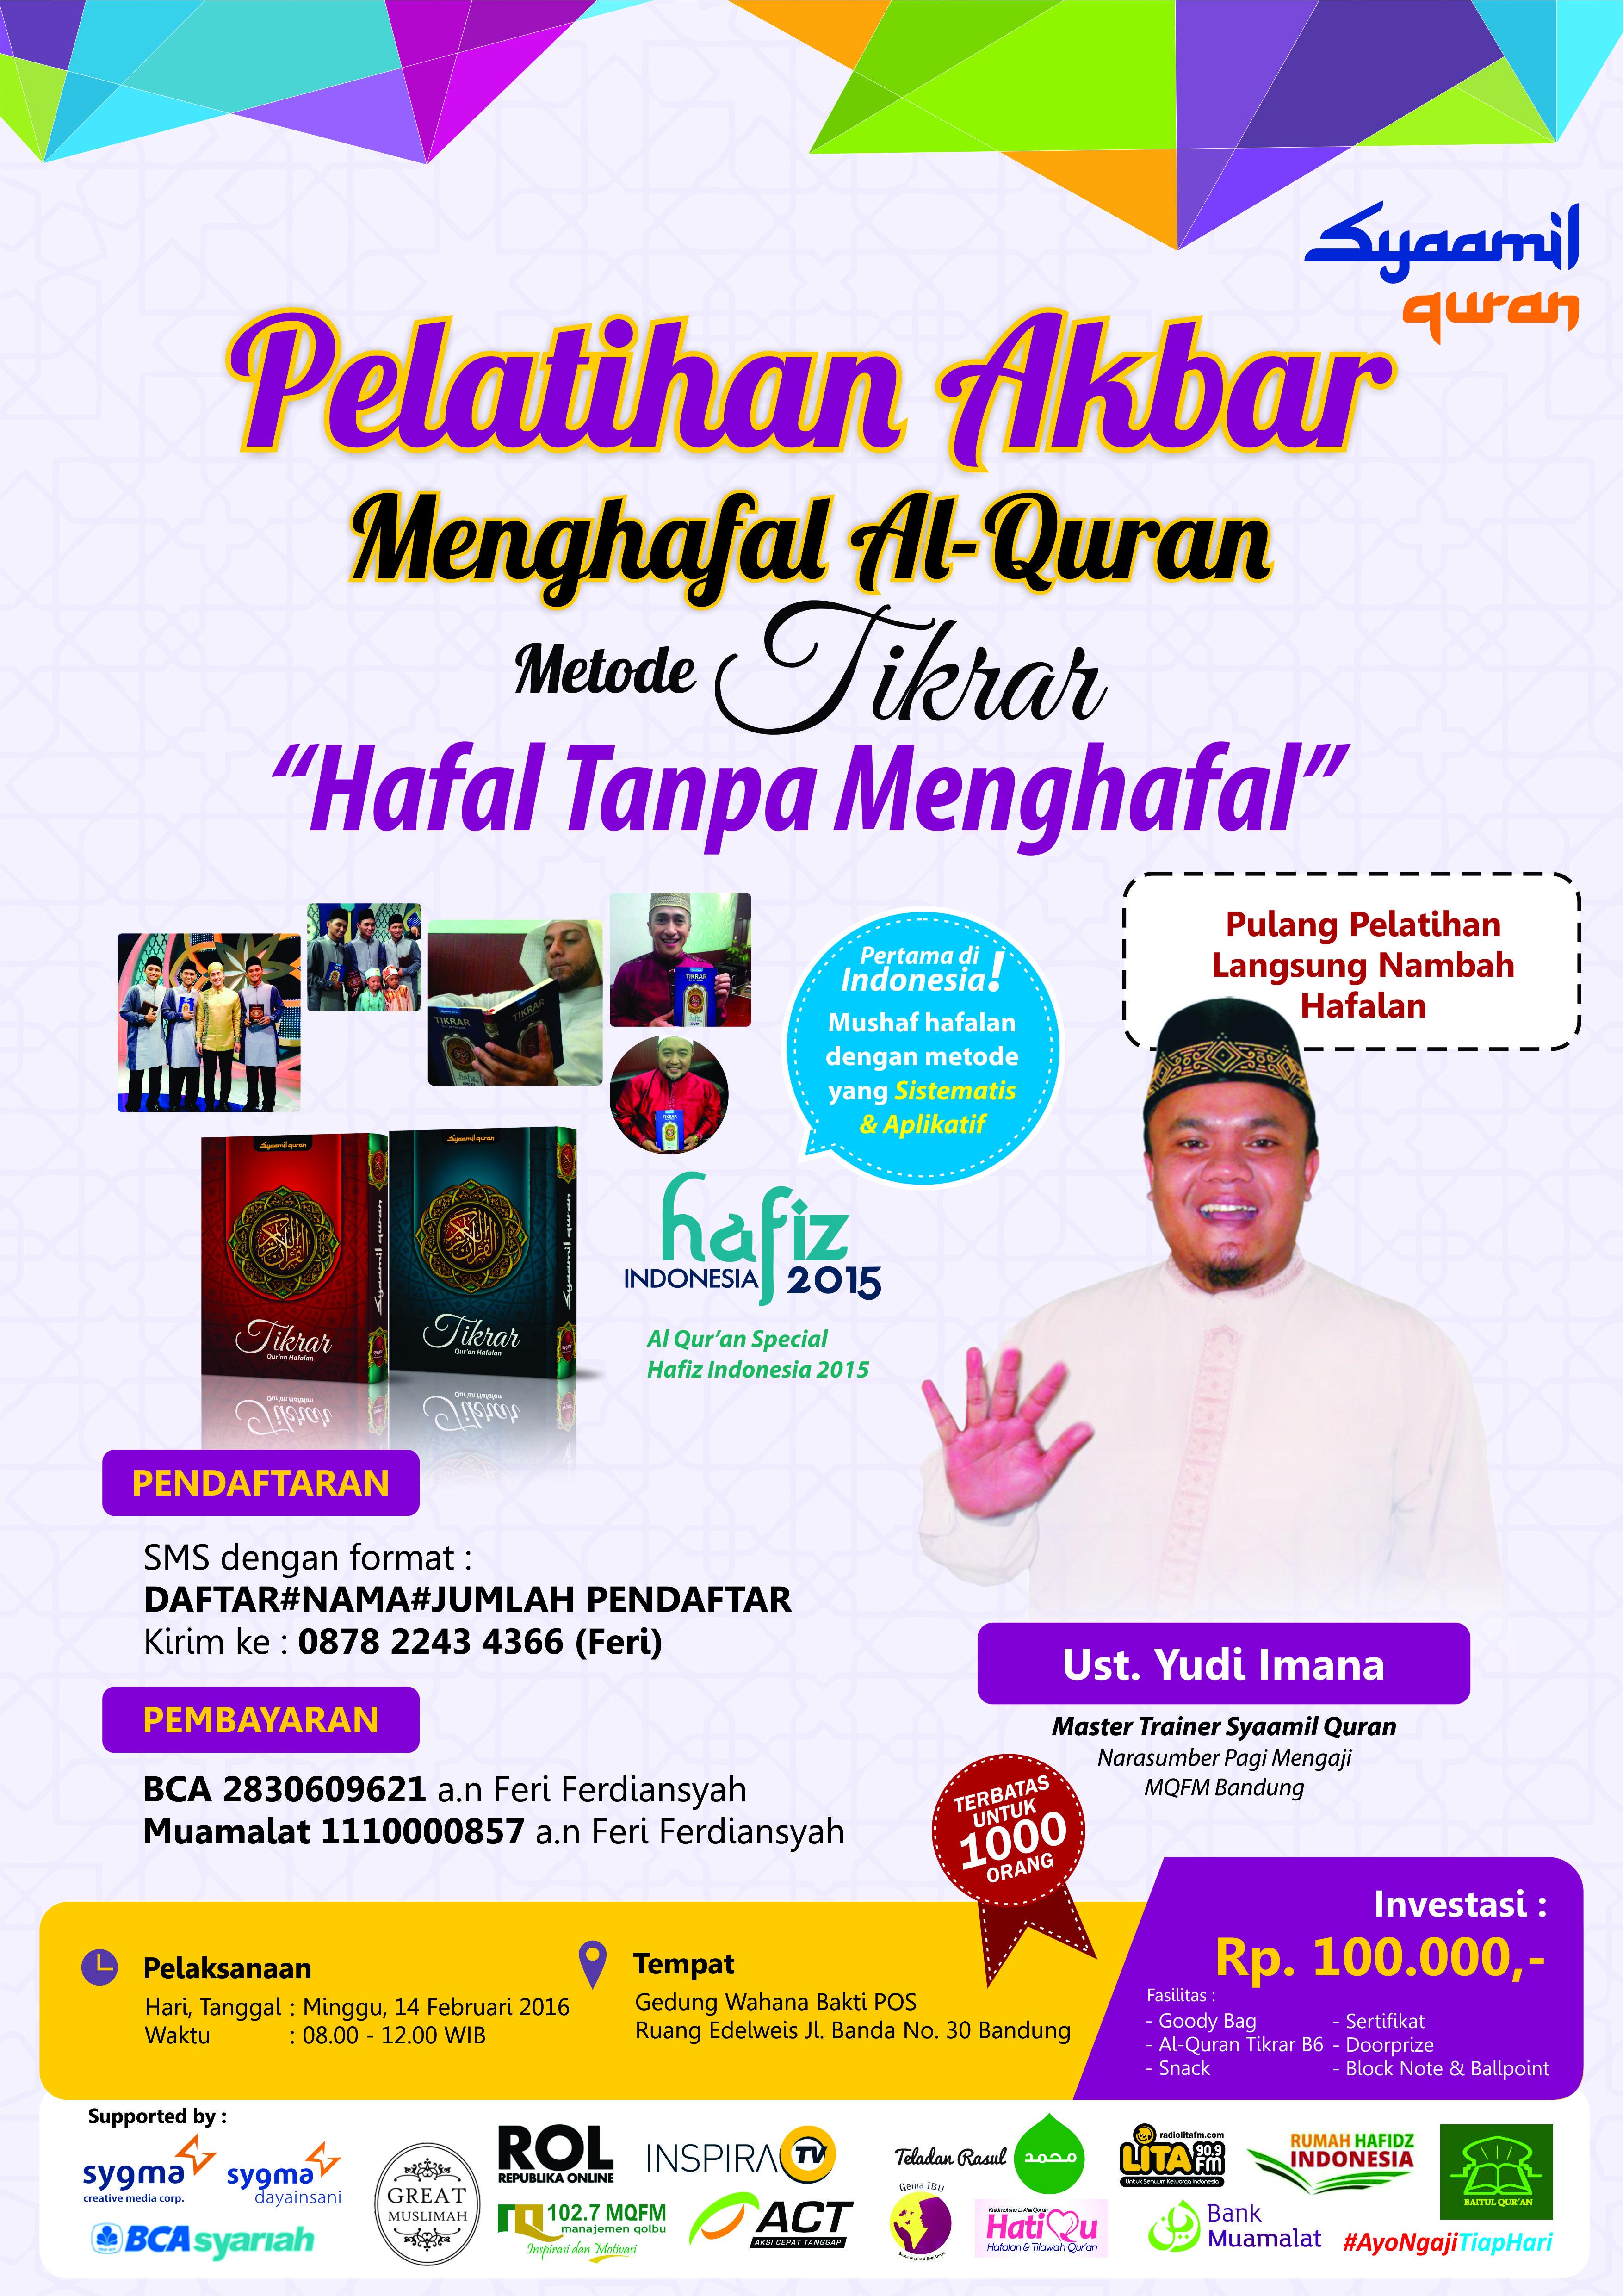 Pelatihan-Akbar-Tikrar-Akan-Digelar-di-Bandung-poster